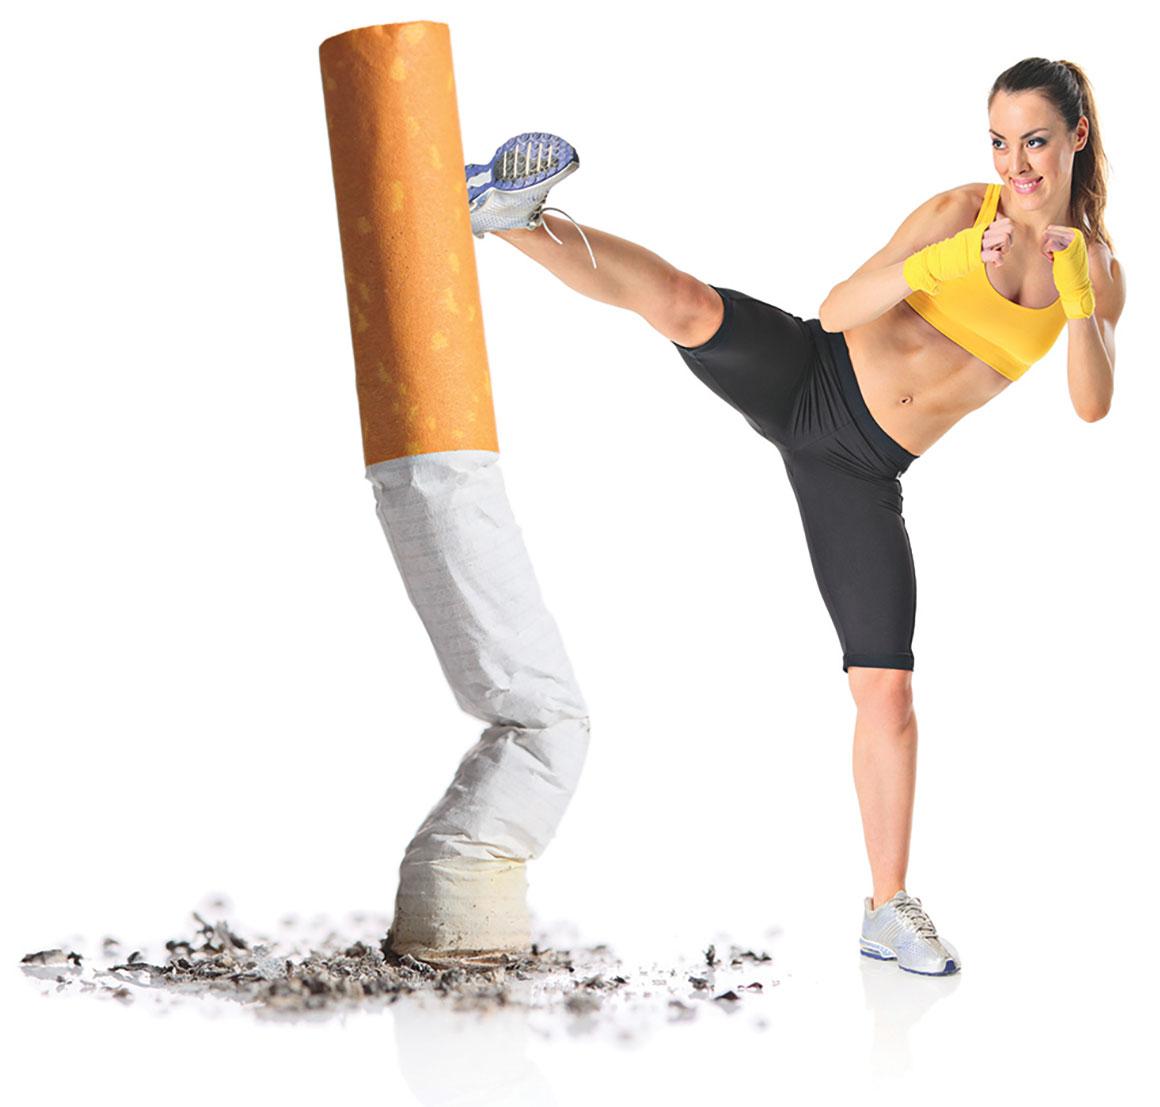 Κάπνισμα και φυσική δραστηριότητα